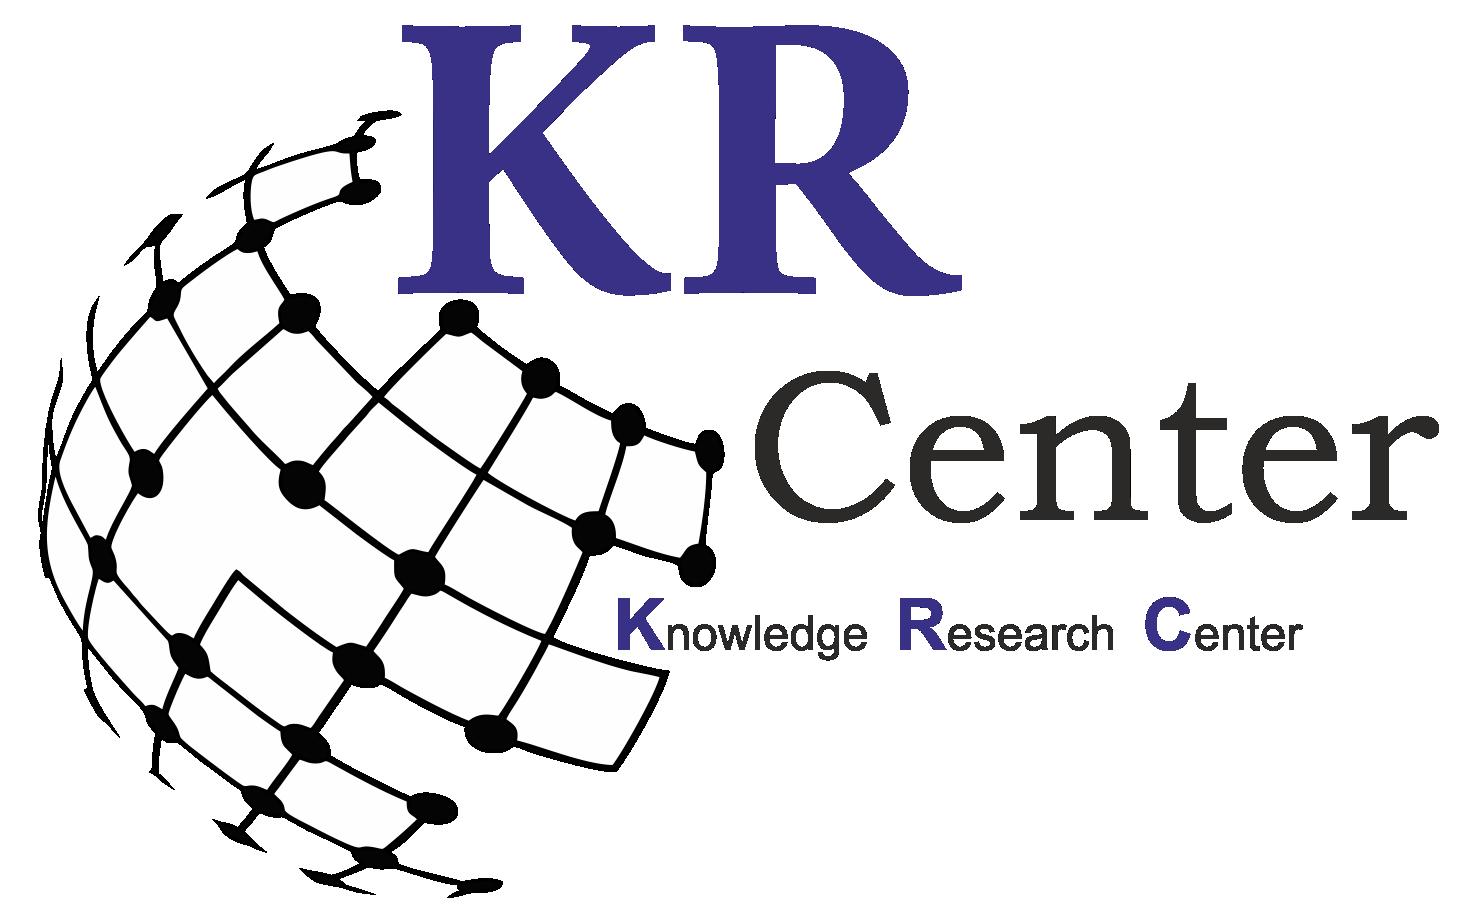 Krcenter